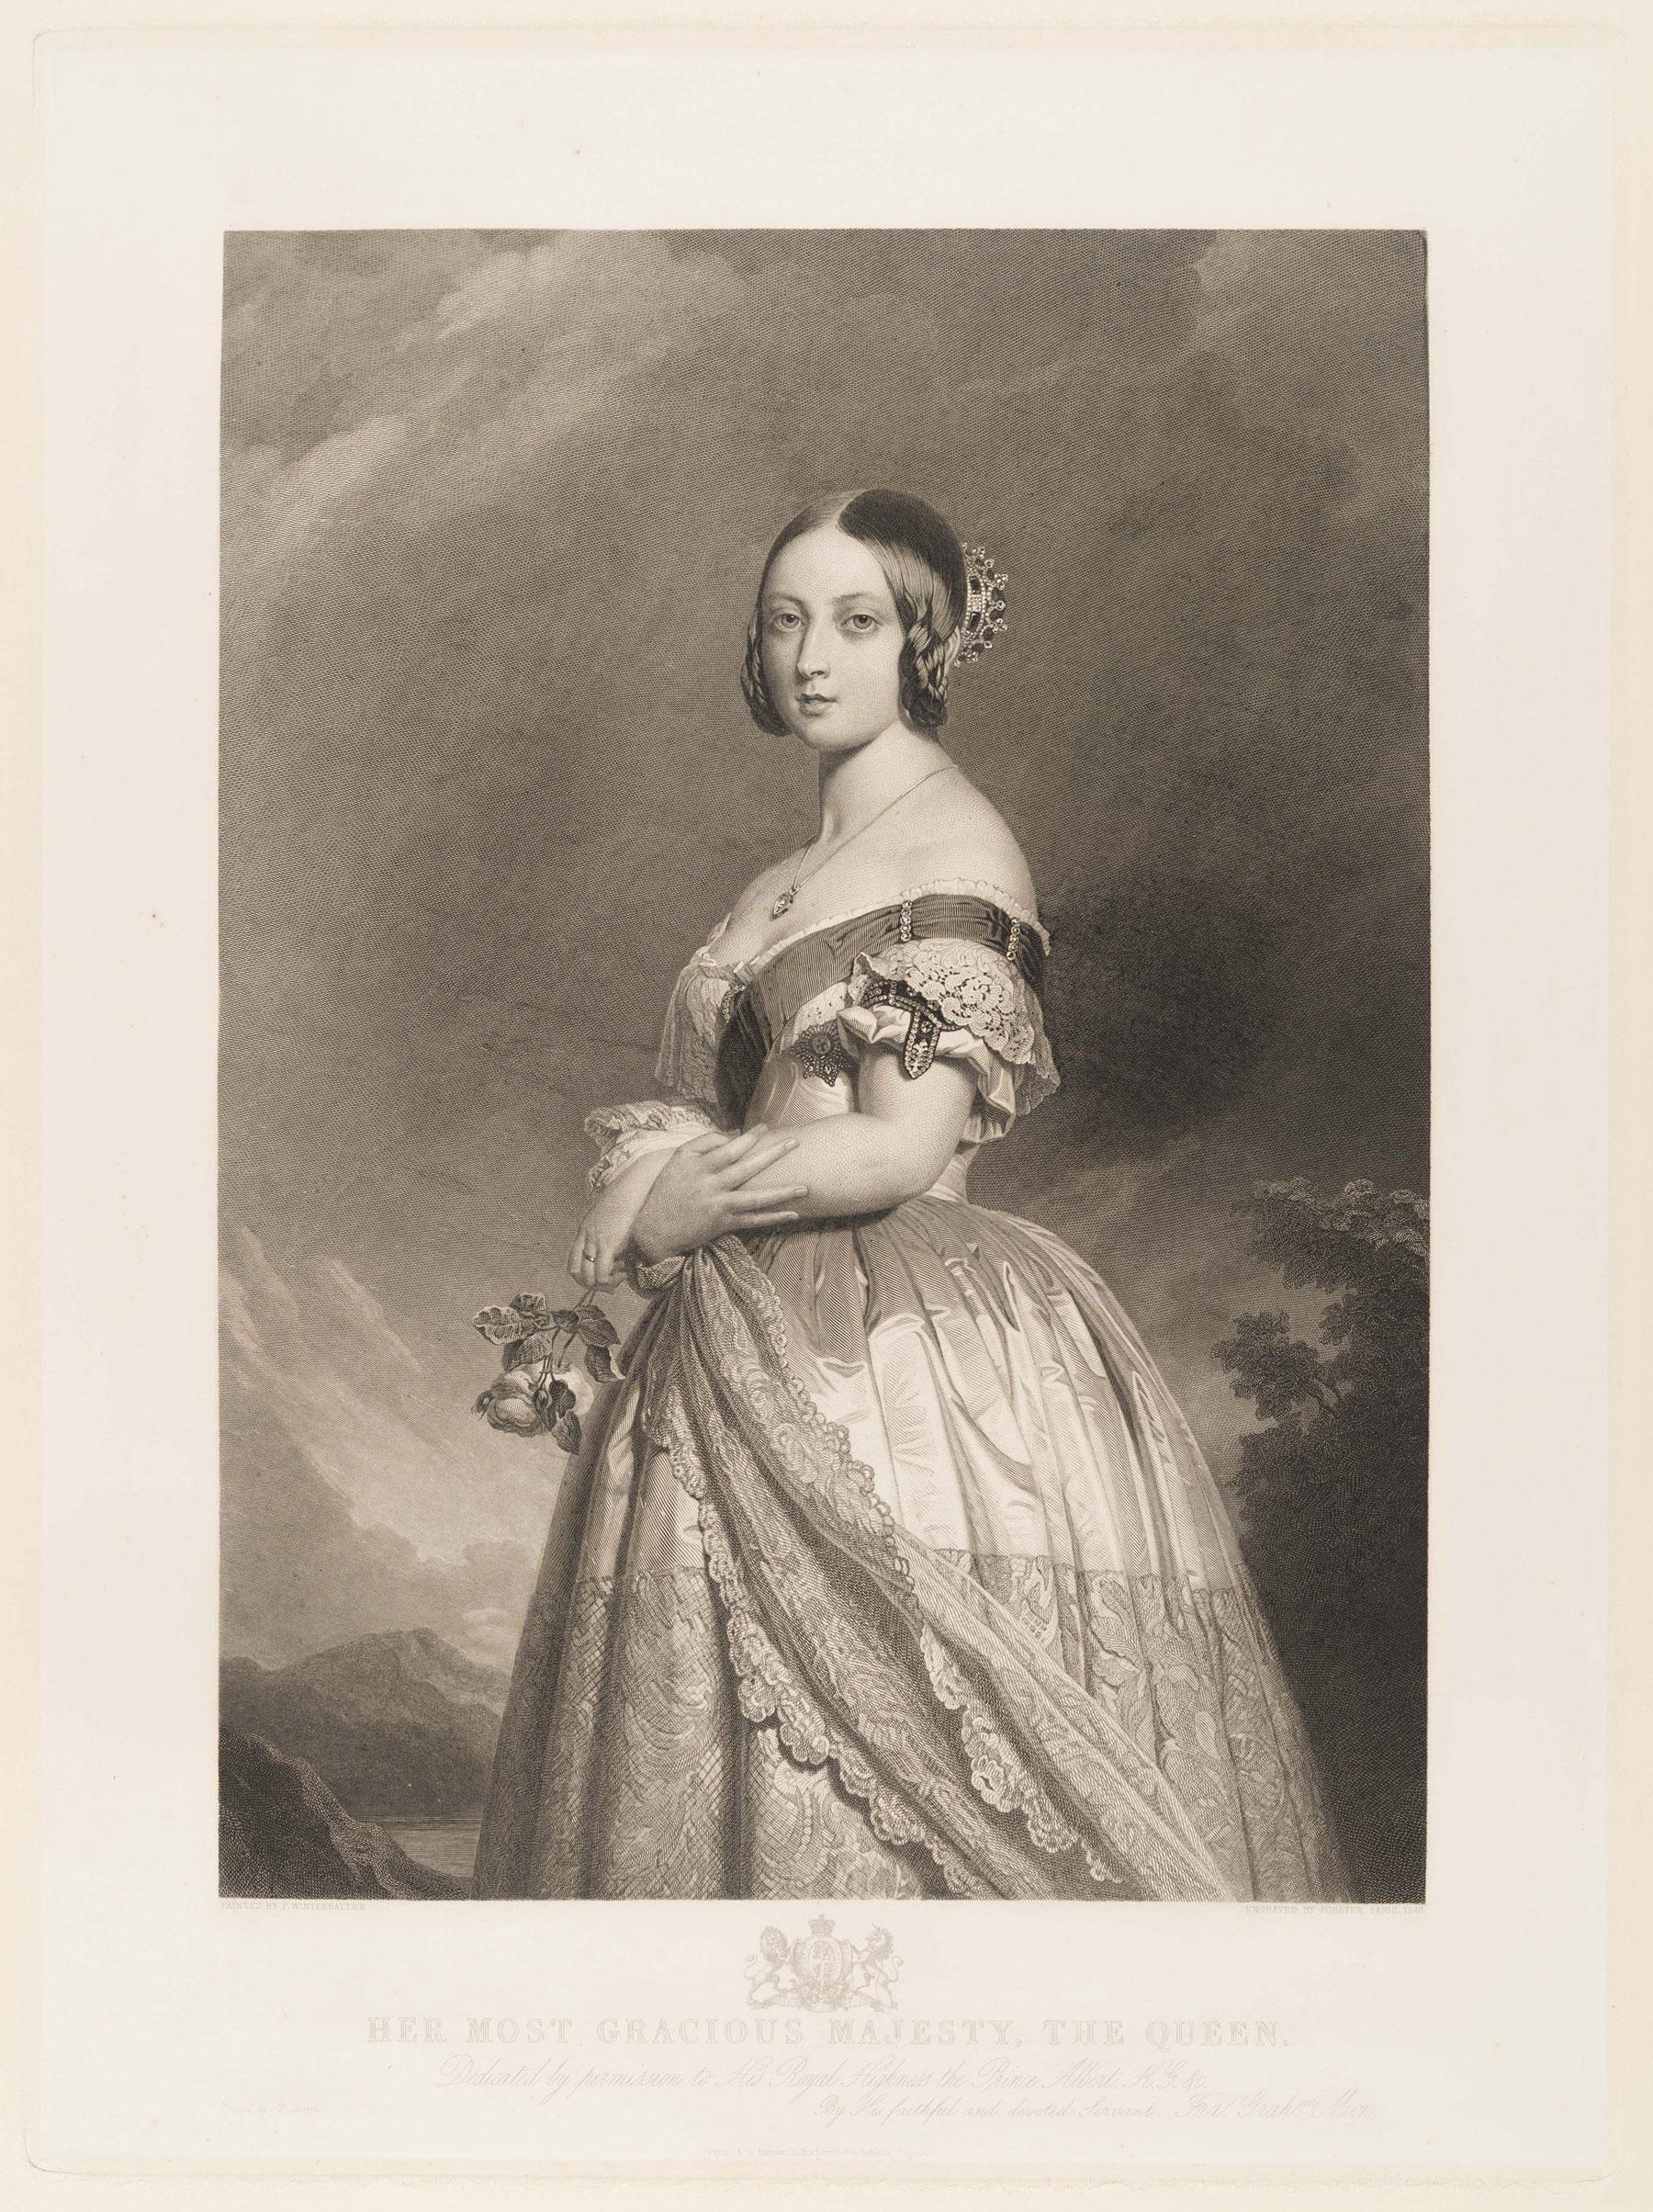 周生生于维多利亚女王200周年诞辰之际推出V&A系列新作